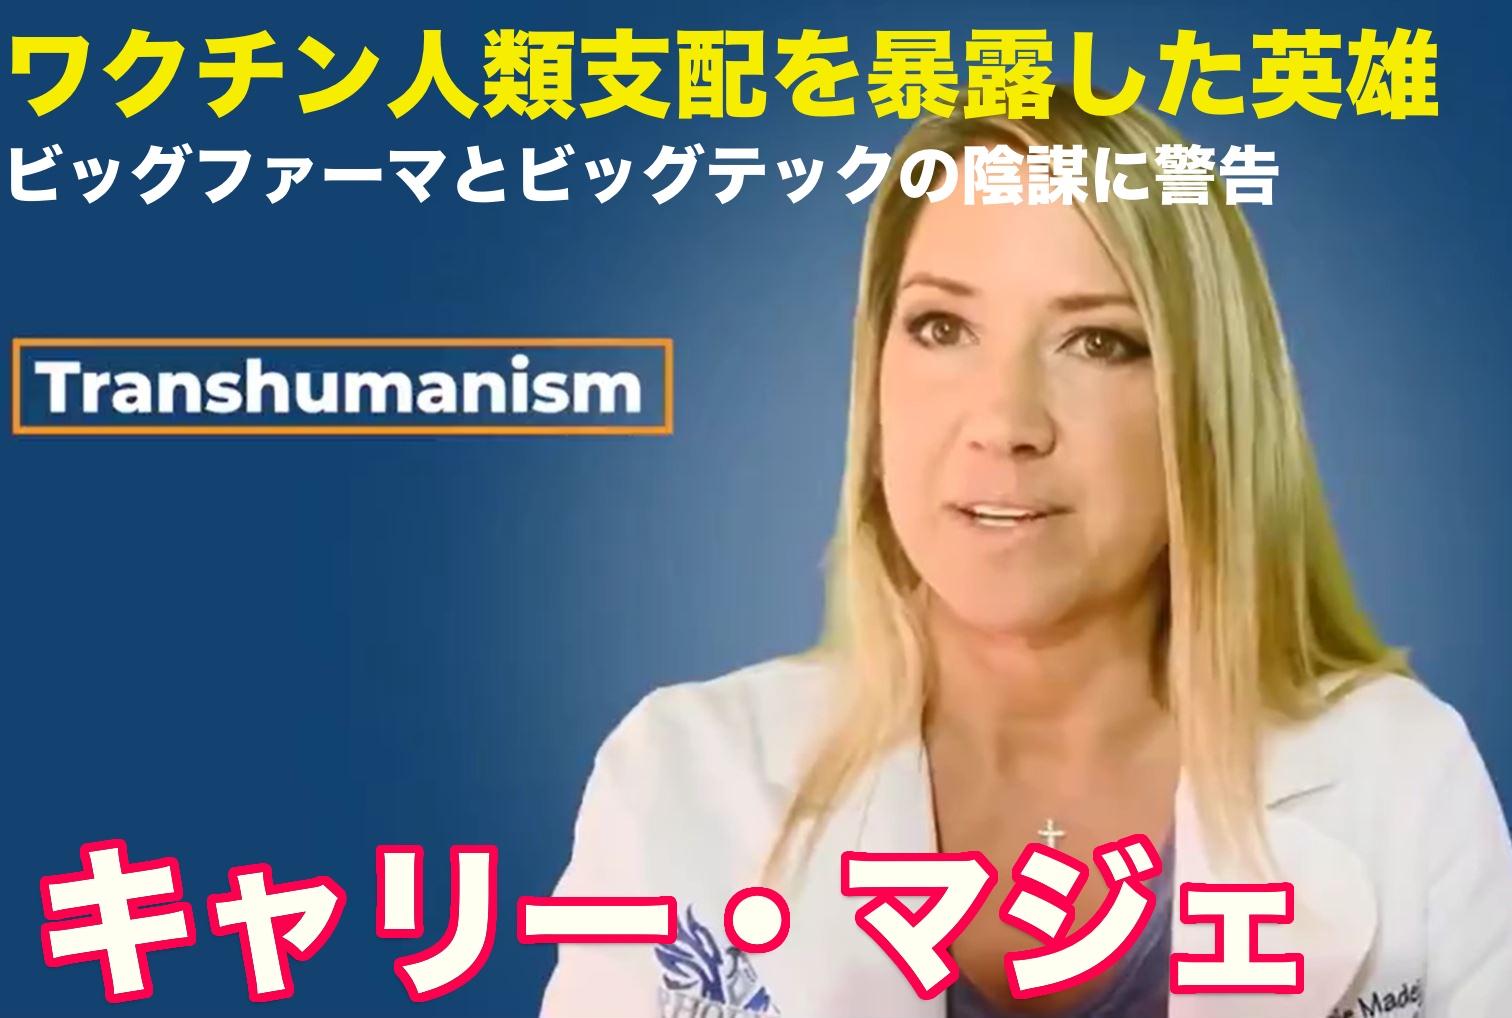 【経歴・Wiki】キャリー・マジェ(マディ)「ワクチンを利用した人類支配と進化計画を暴露」